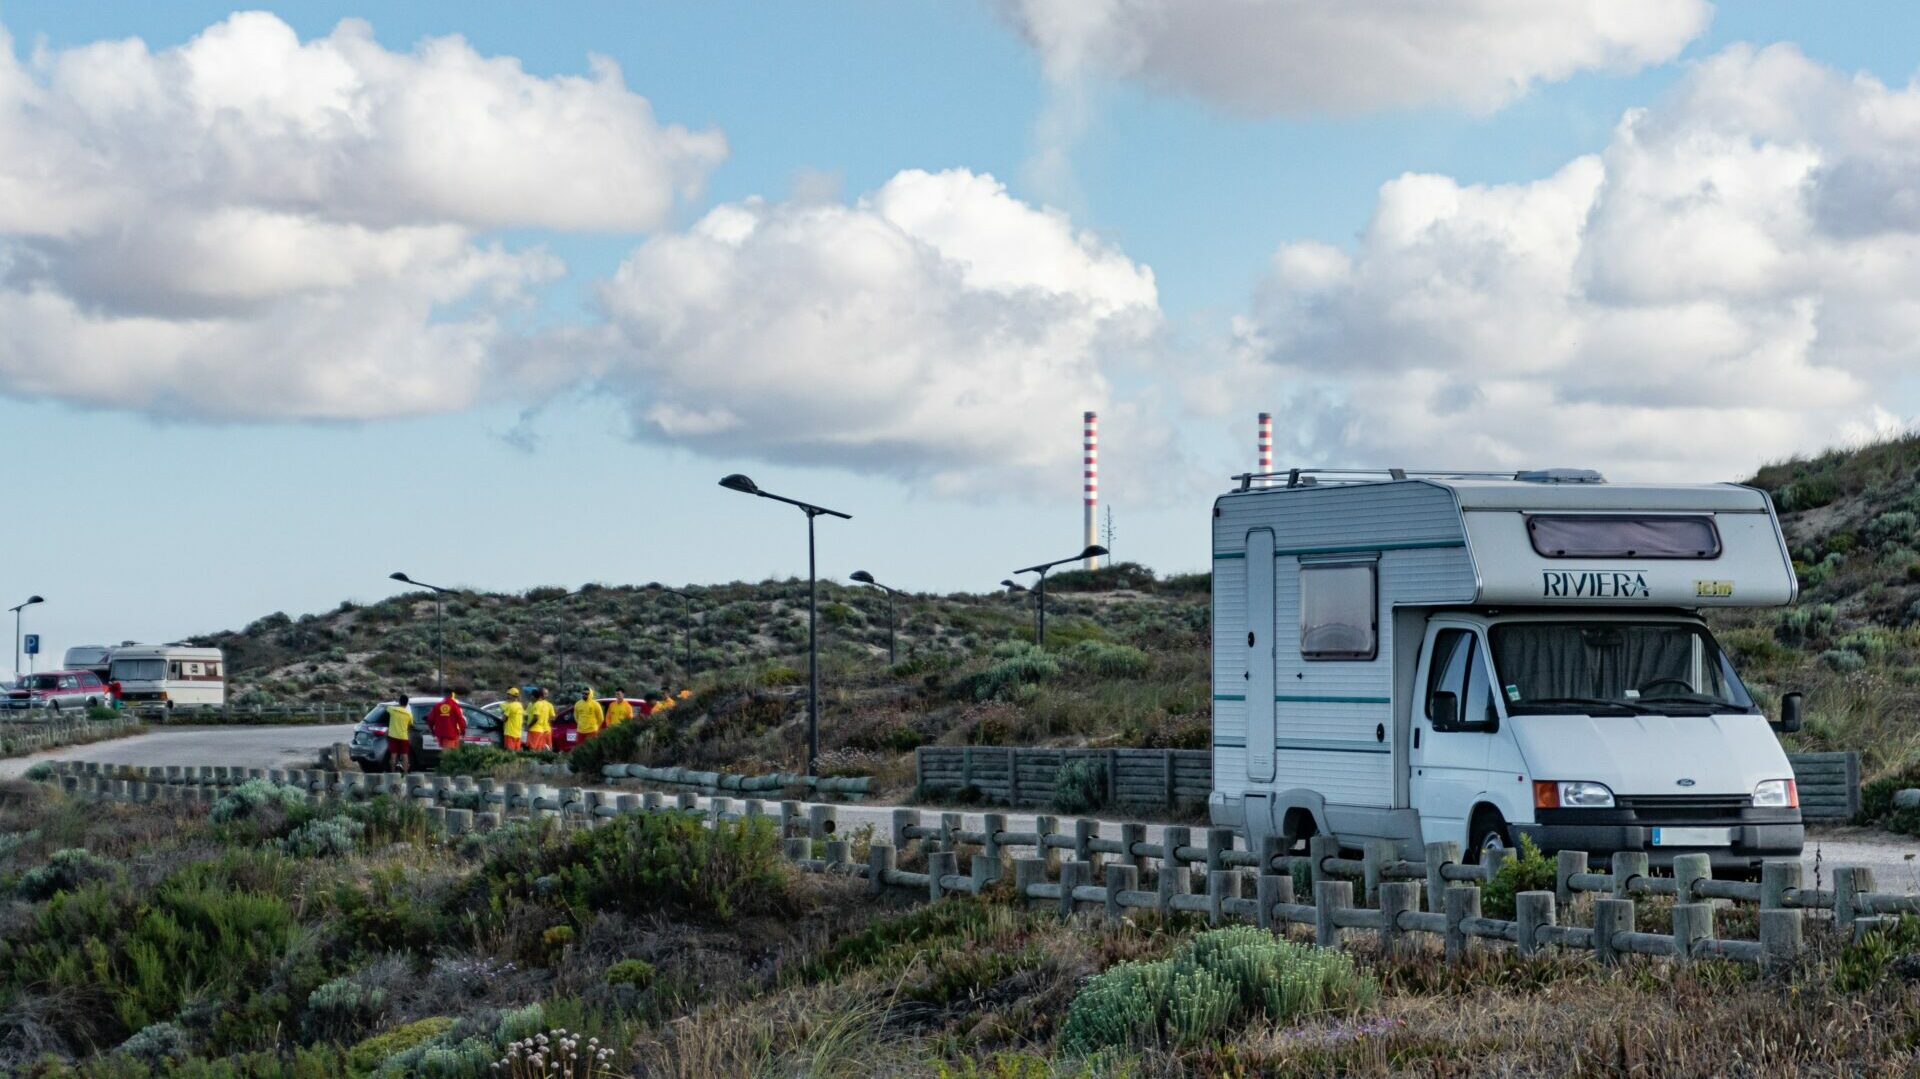 caravanas 5 1 e1629807191698